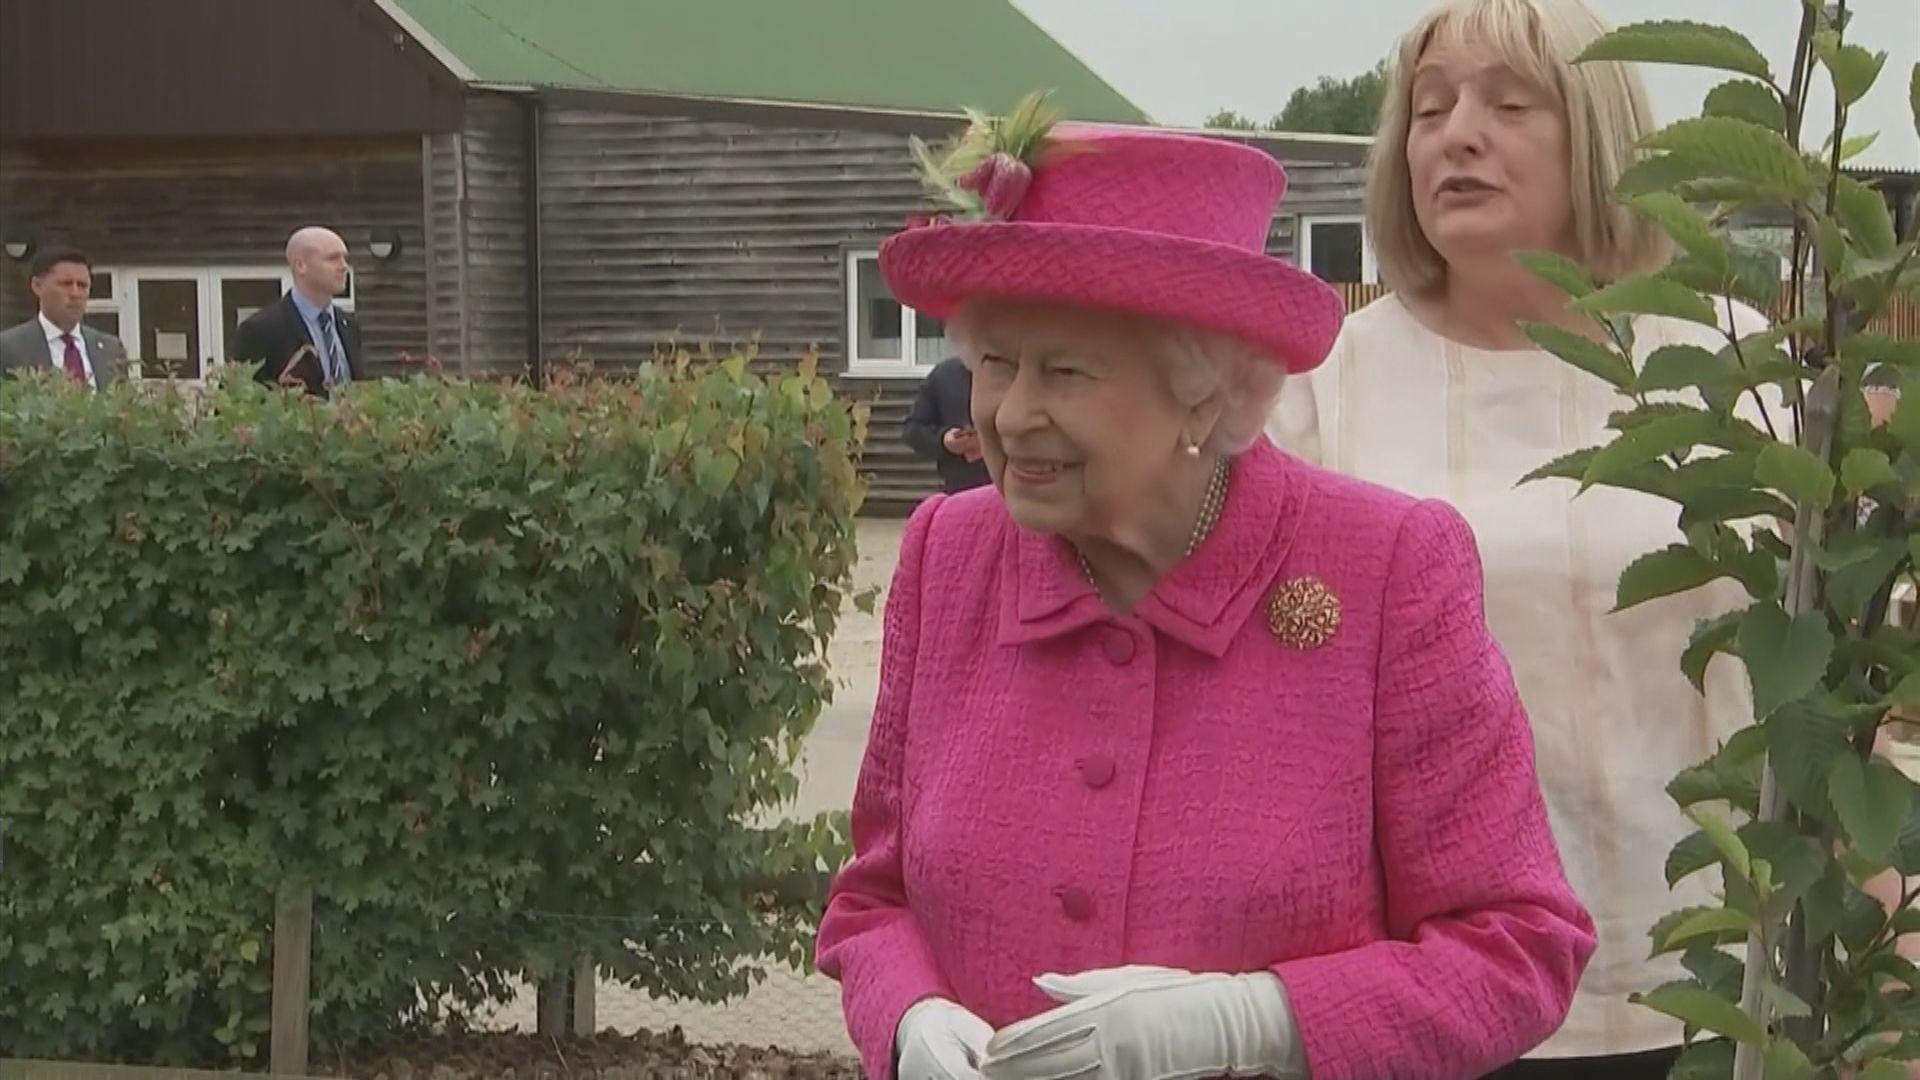 約翰遜或再奏請女王批准國會休會